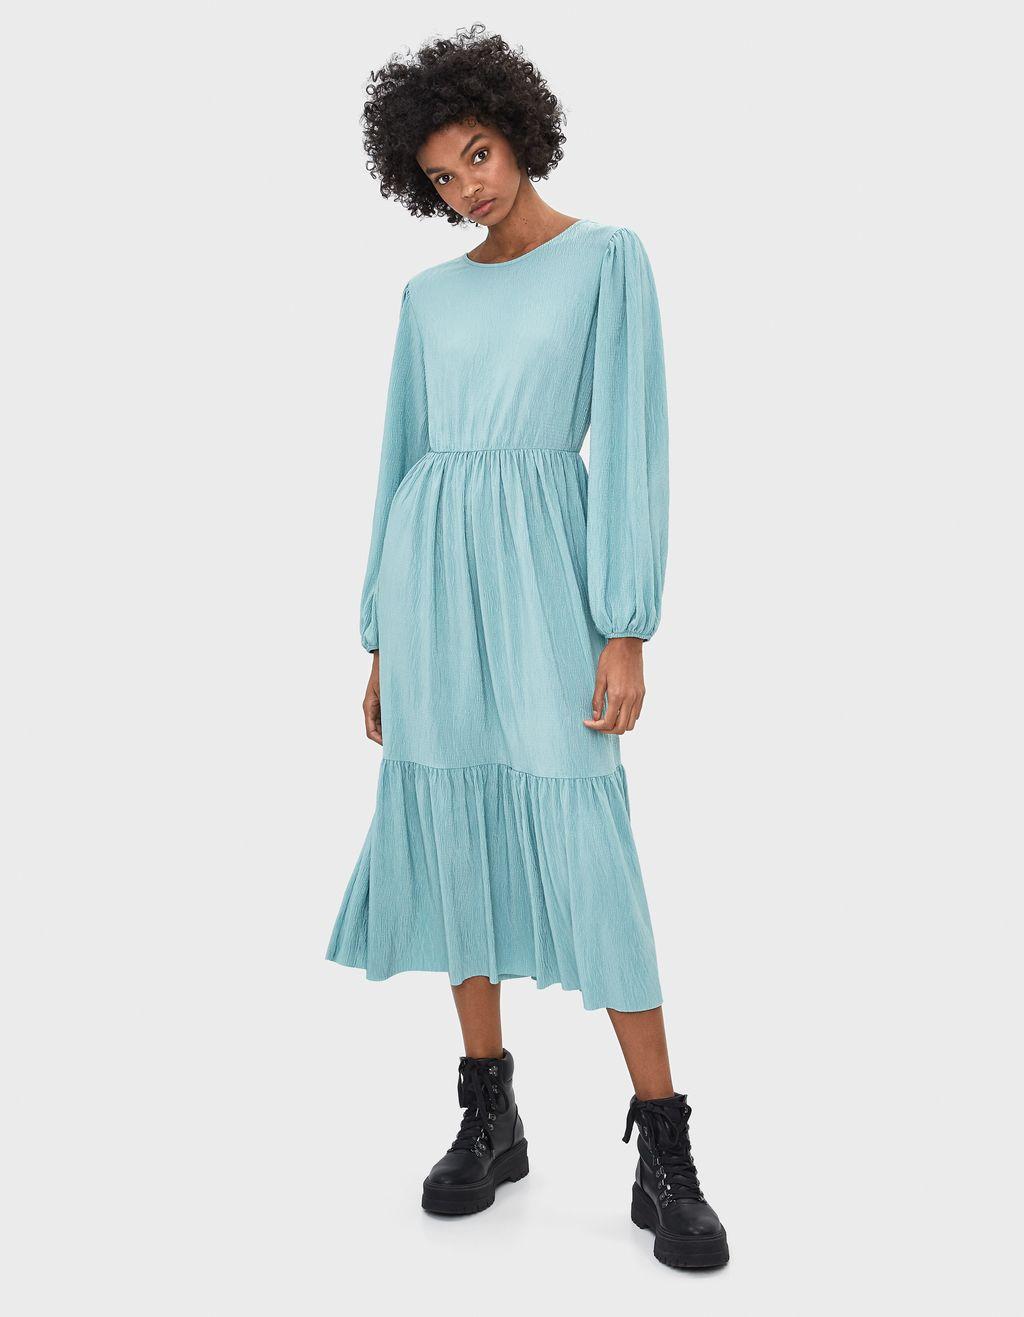 Vestido plisado con manga abullonada